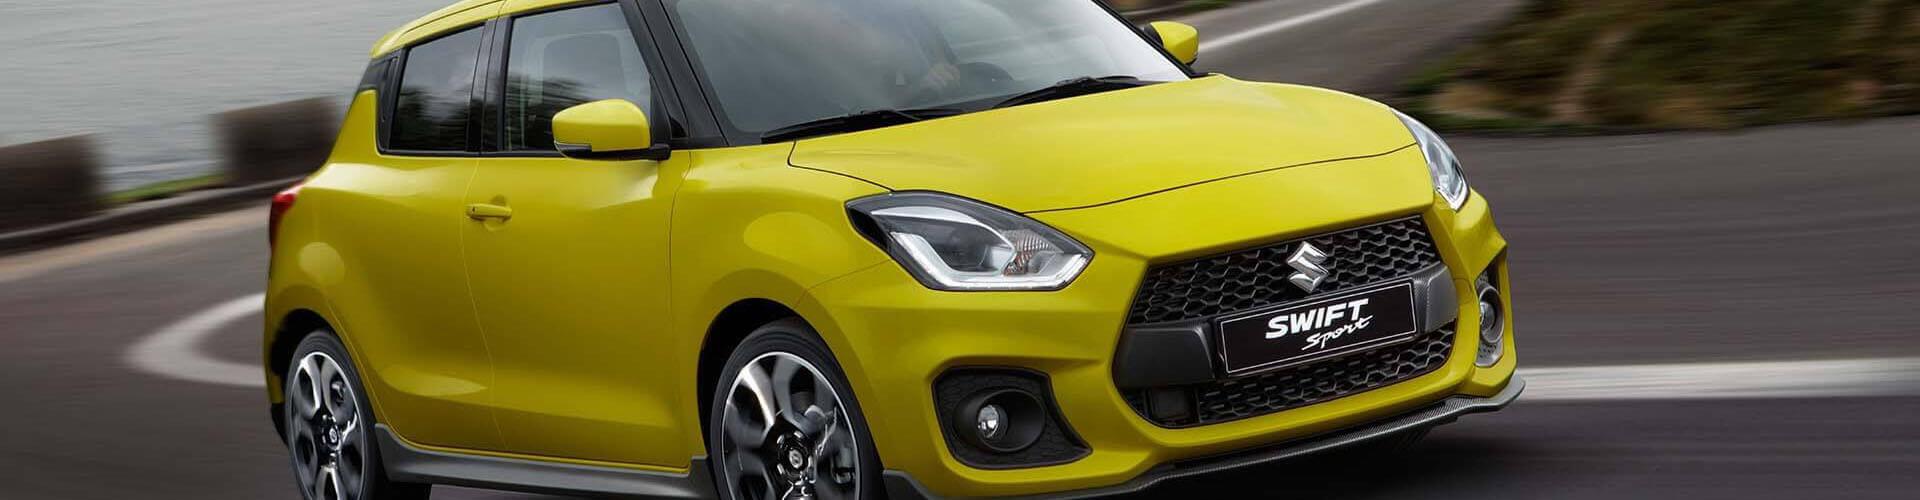 Suzuki QLD - Swift Sport